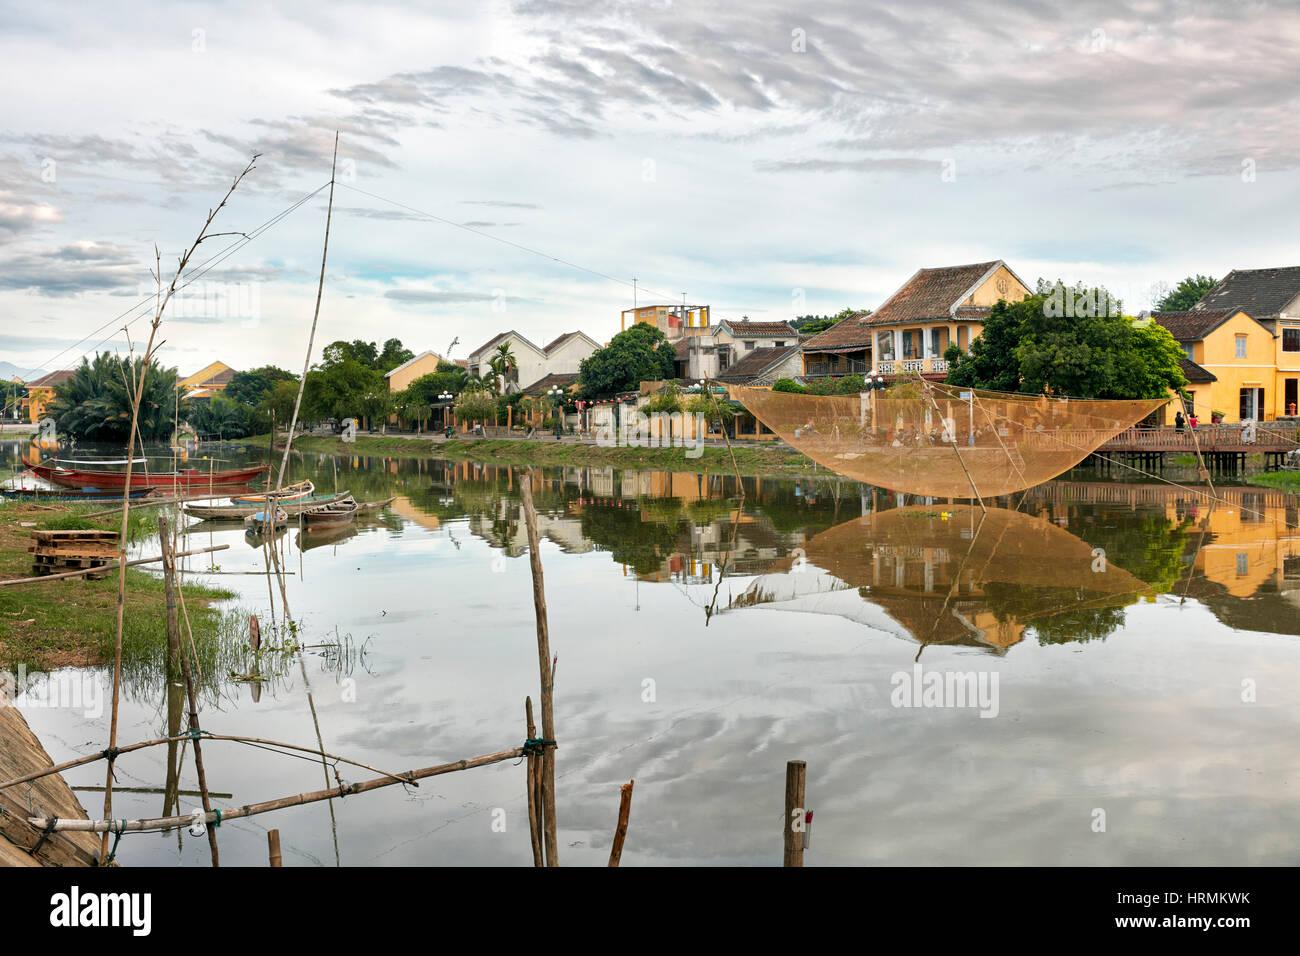 La rivière Thu Bon. Hoi An, Quang Nam Province, Vietnam. Photo Stock